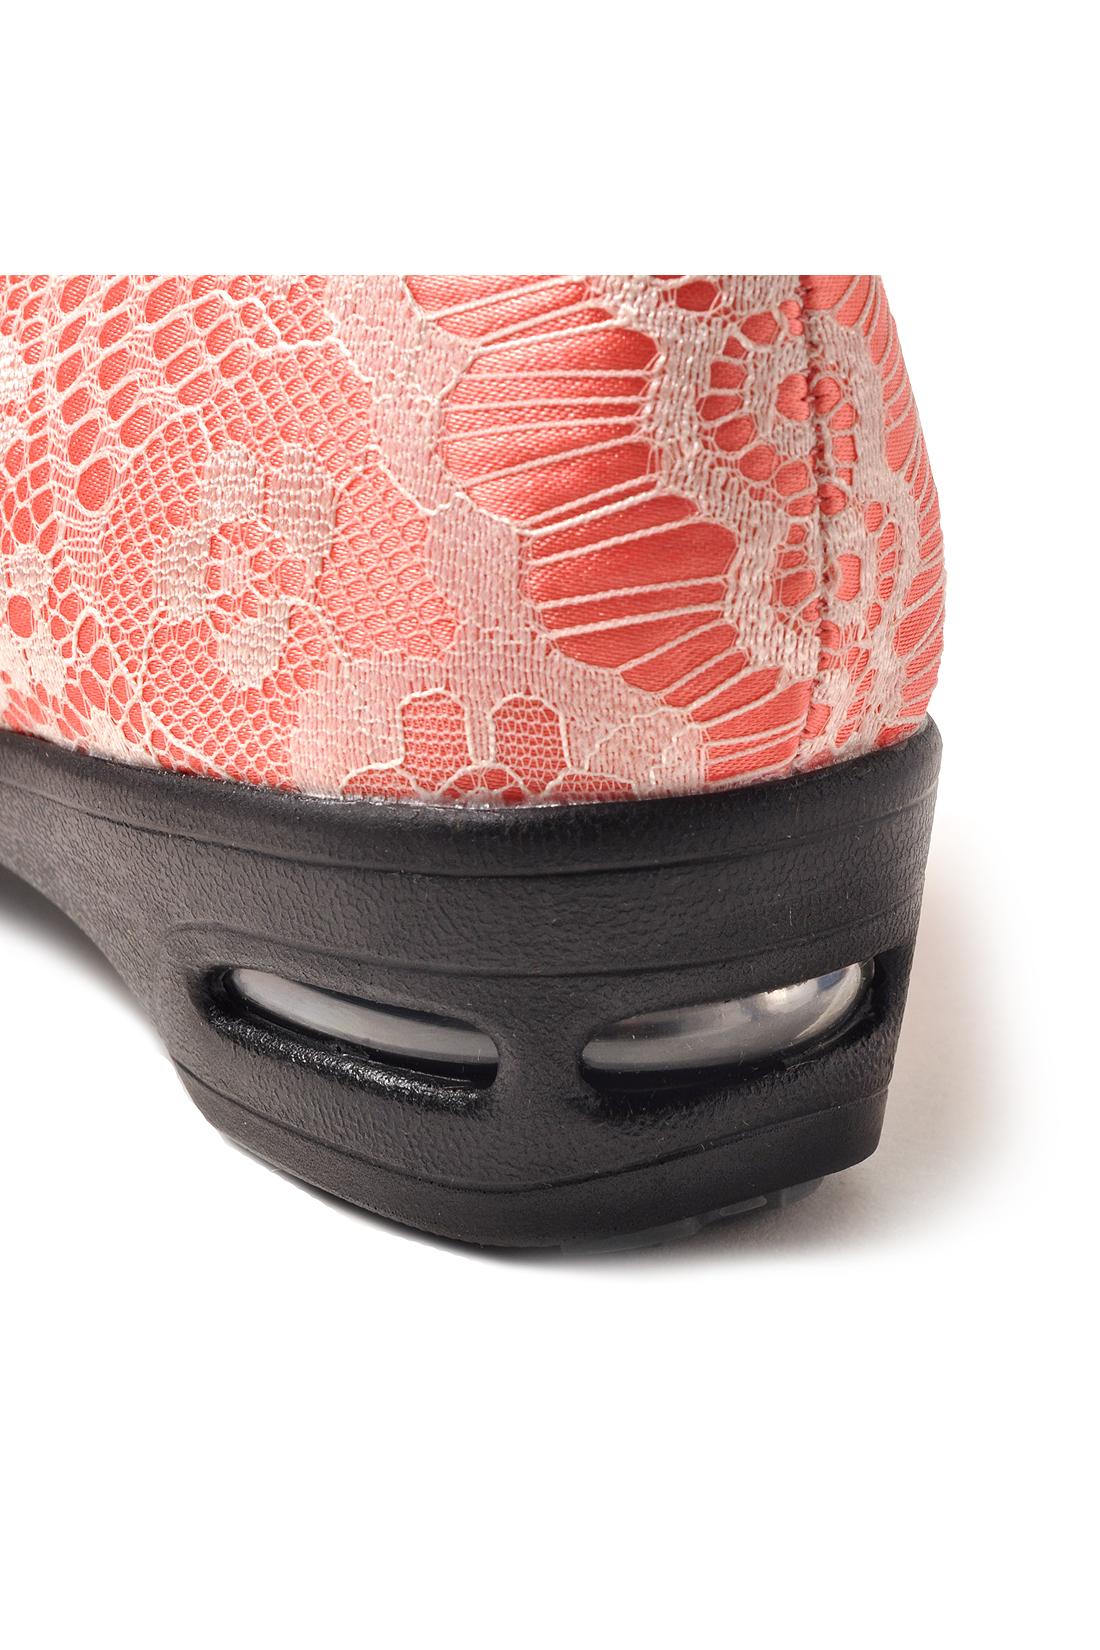 スニーカーにも使われるエアバッグを内蔵。高いクション性で歩くときの衝撃を吸収し、走り出したくなるほど軽やかな履き心地。